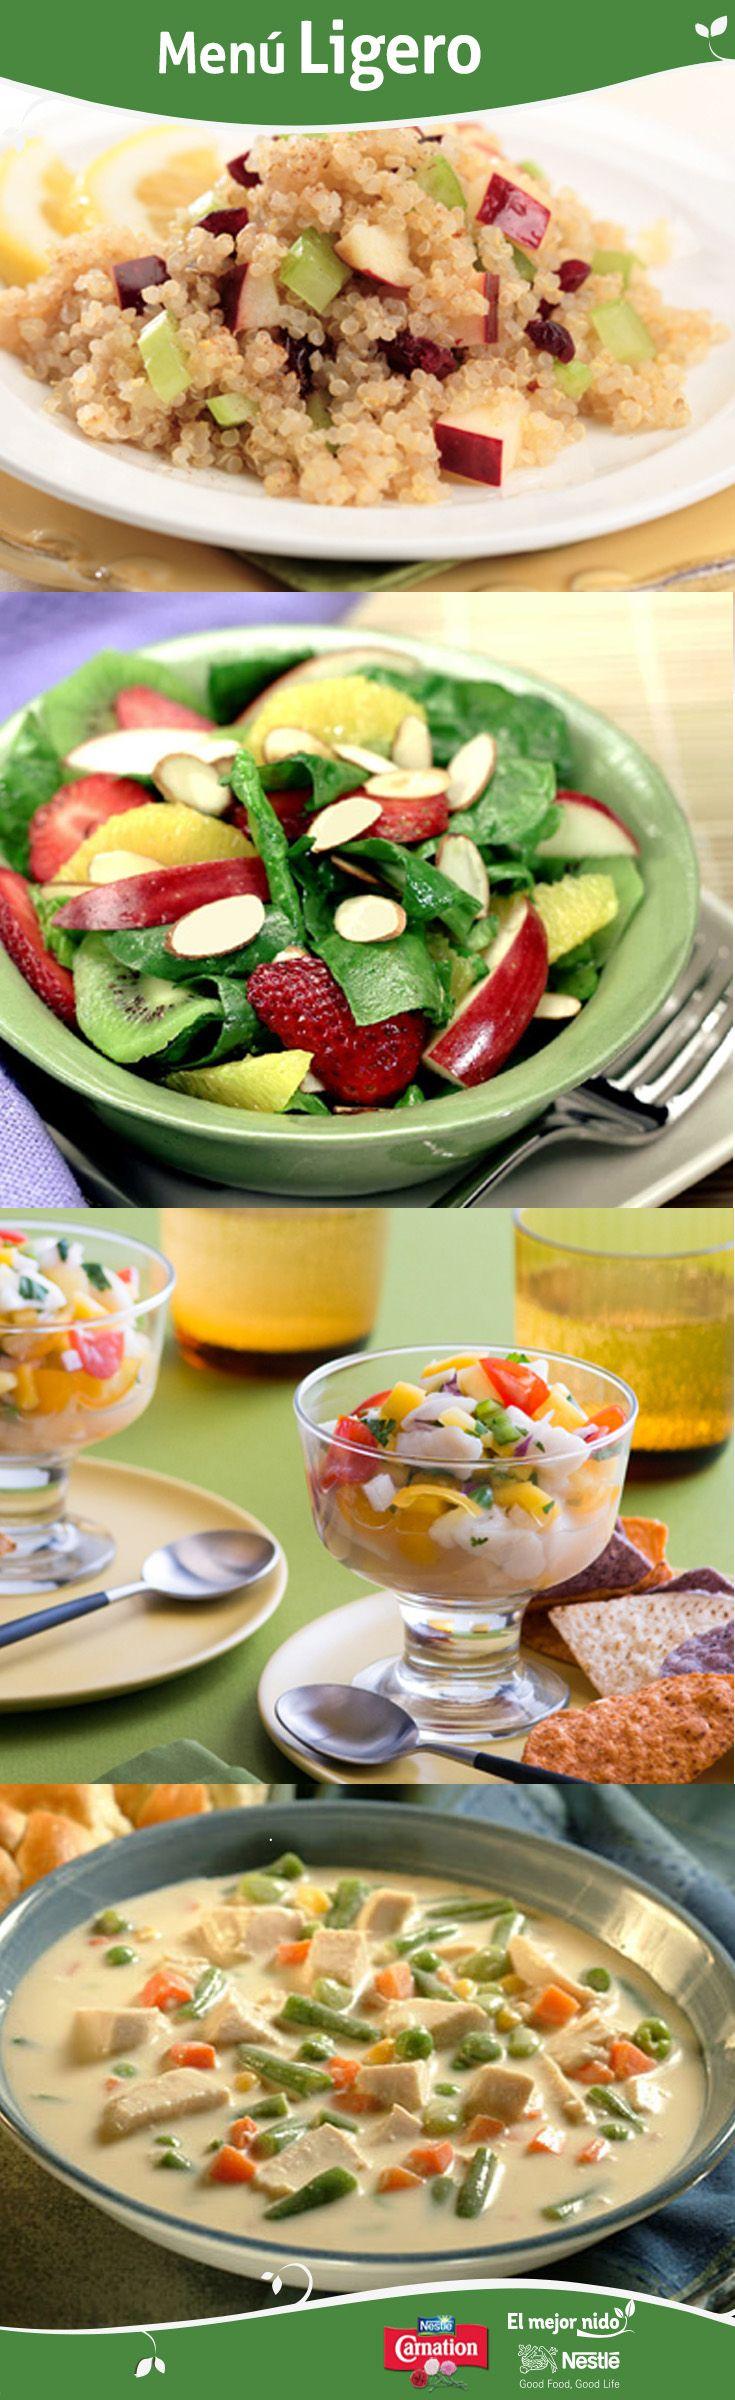 25 best ideas about almuerzos nutritivos on pinterest desayunos faciles y rapidos ideas - Almuerzos faciles y rapidos ...